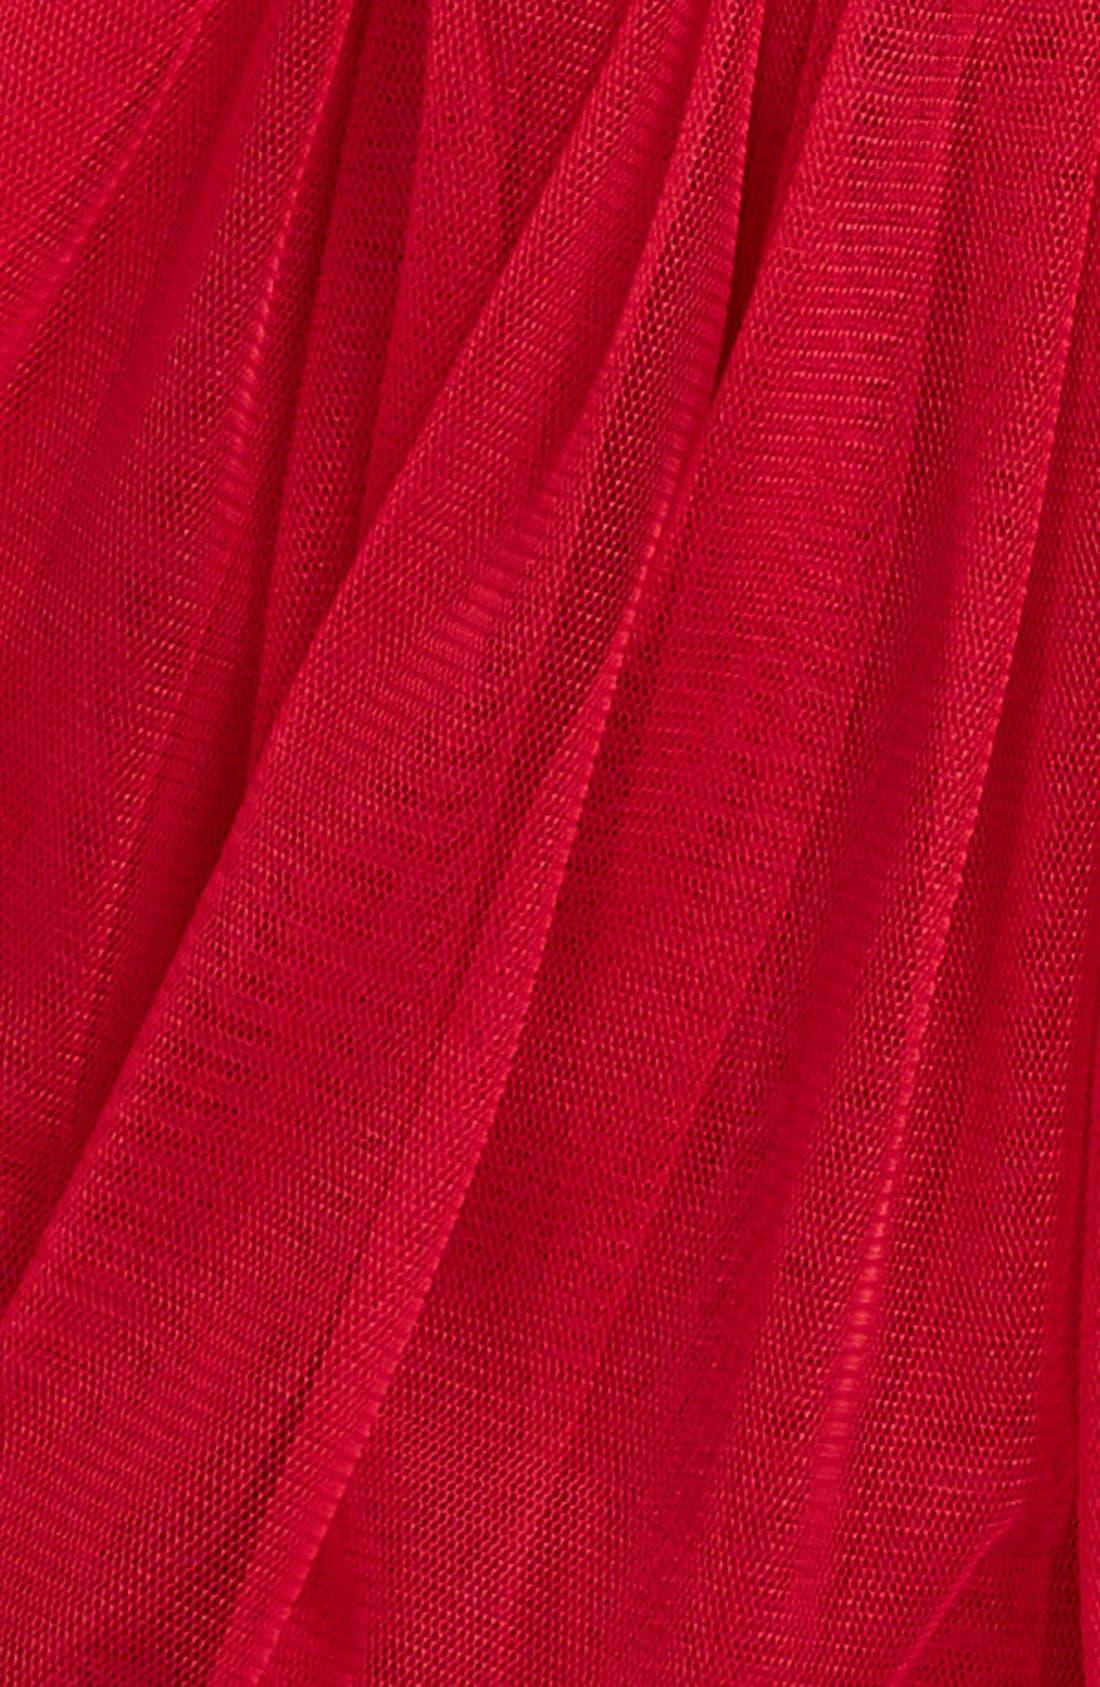 Rosette Tulle Dress,                             Alternate thumbnail 3, color,                             630